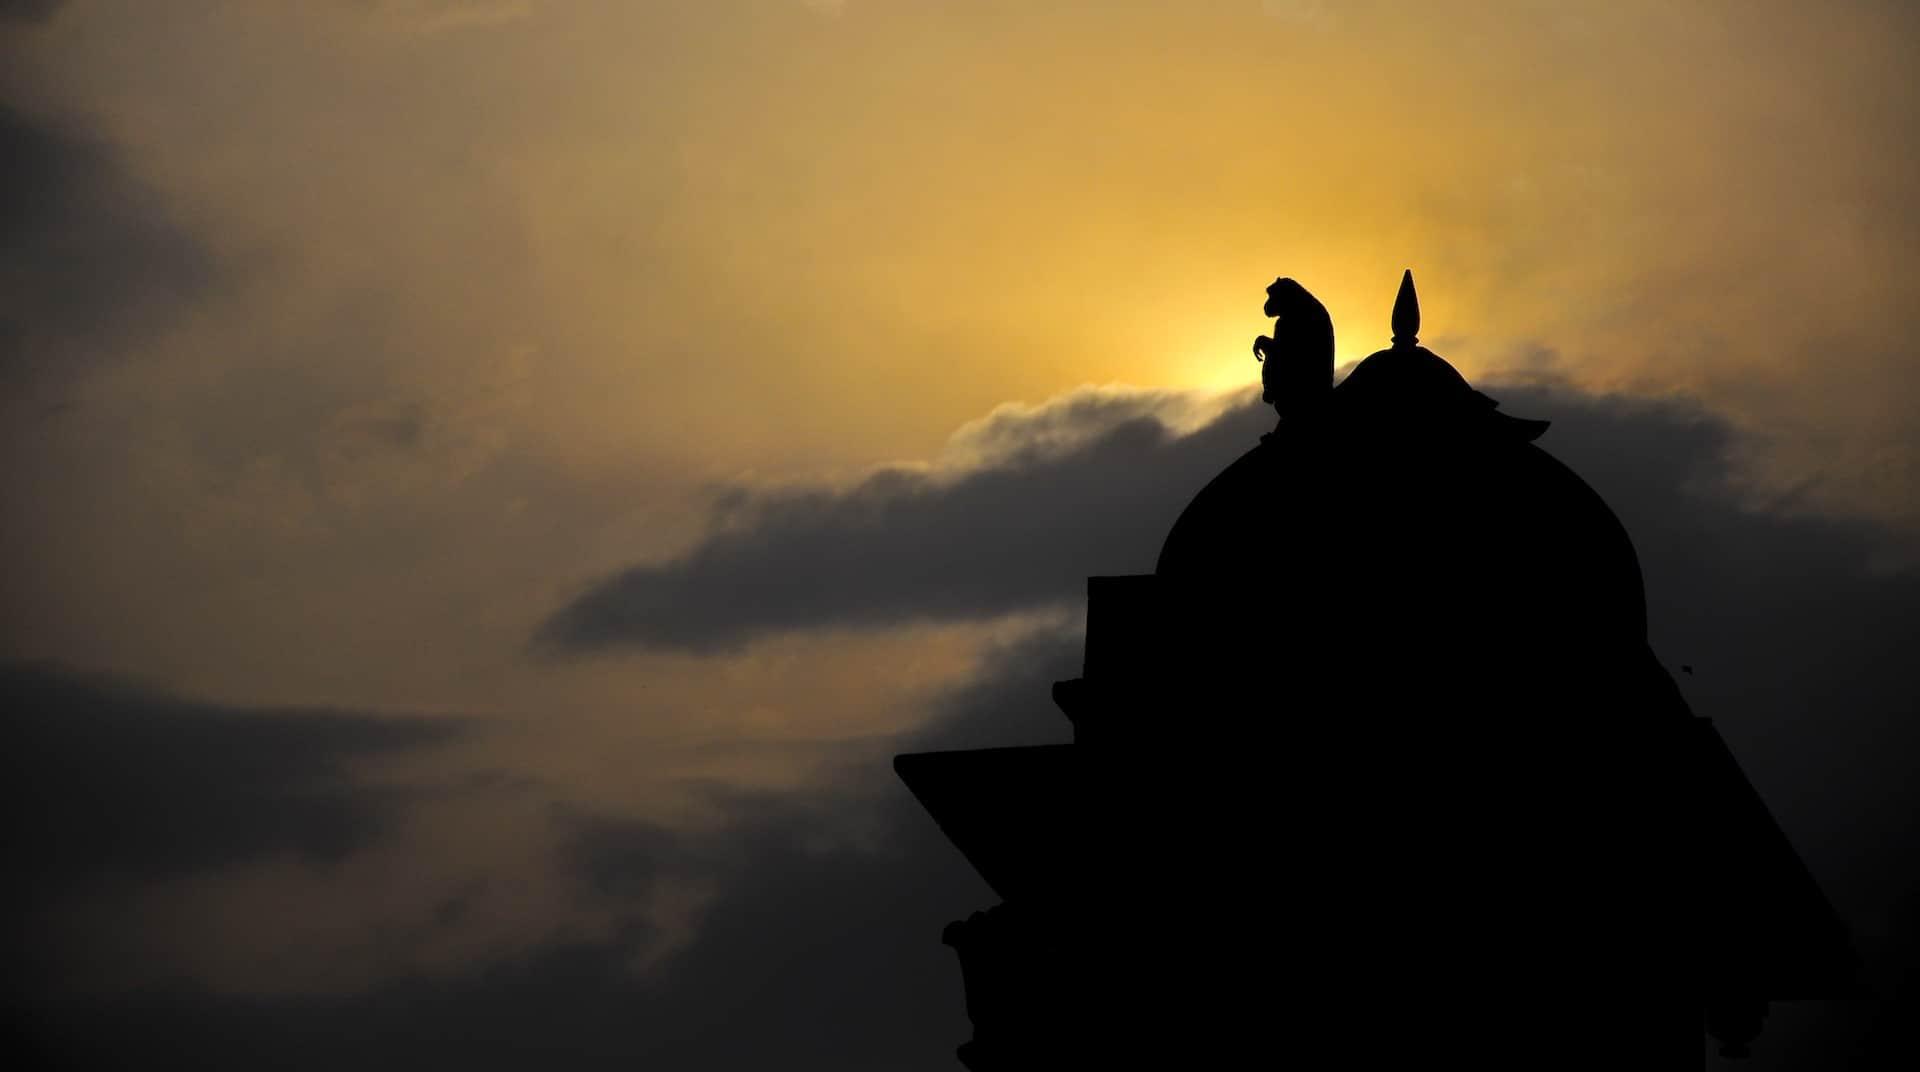 Monkey on a temple